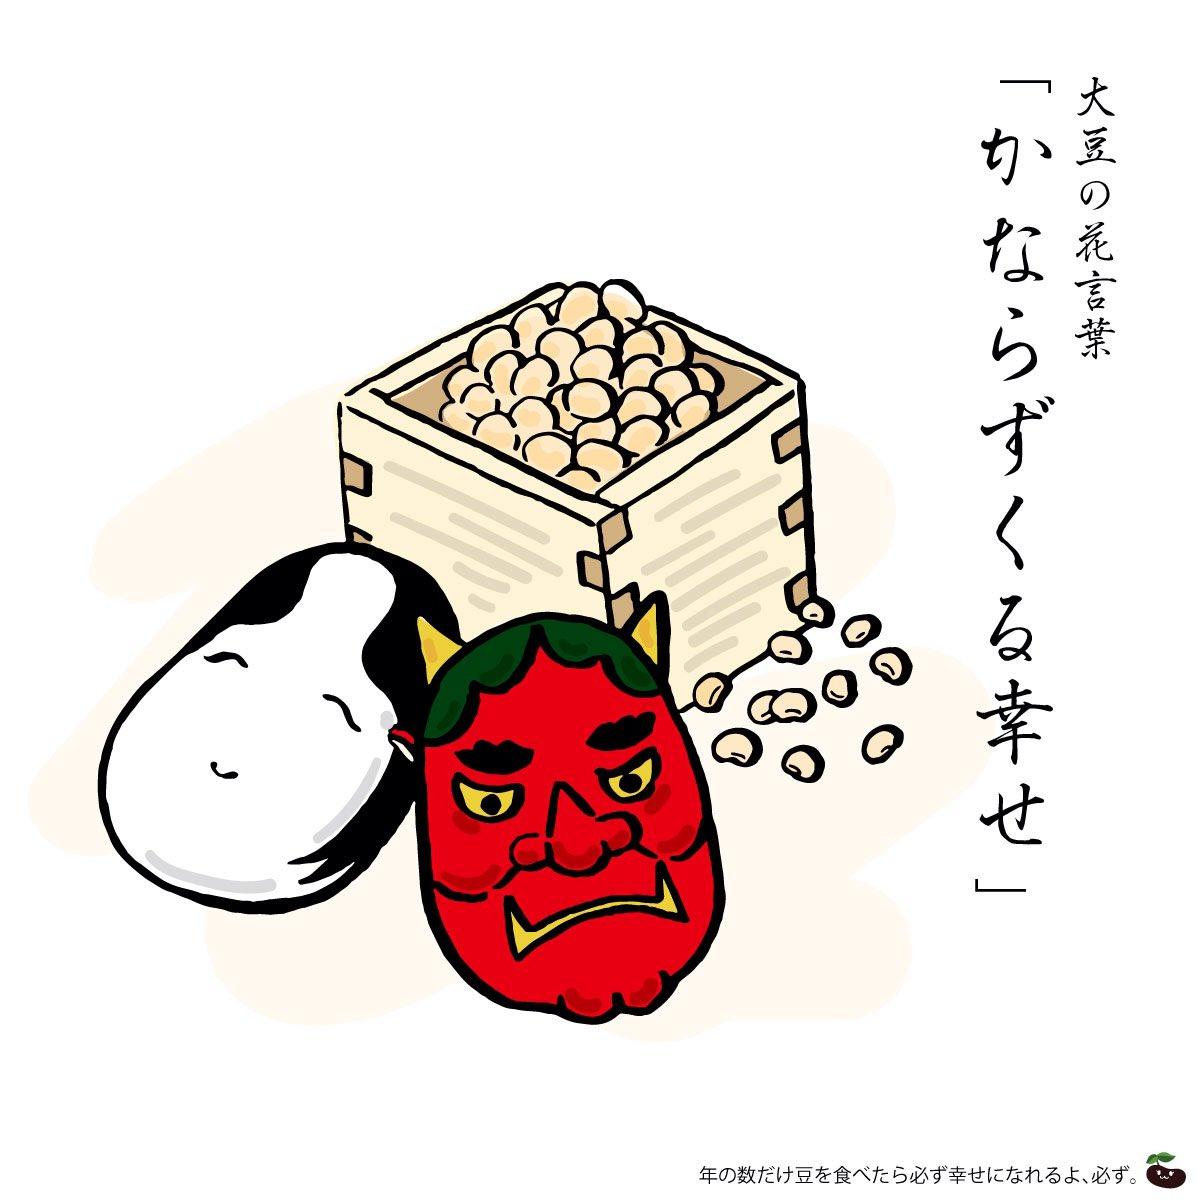 きょうは2月3日は《節分》  魔の目(魔目=まめ)に大豆を投げつけて「魔を滅する(魔滅=まめ)」日で…